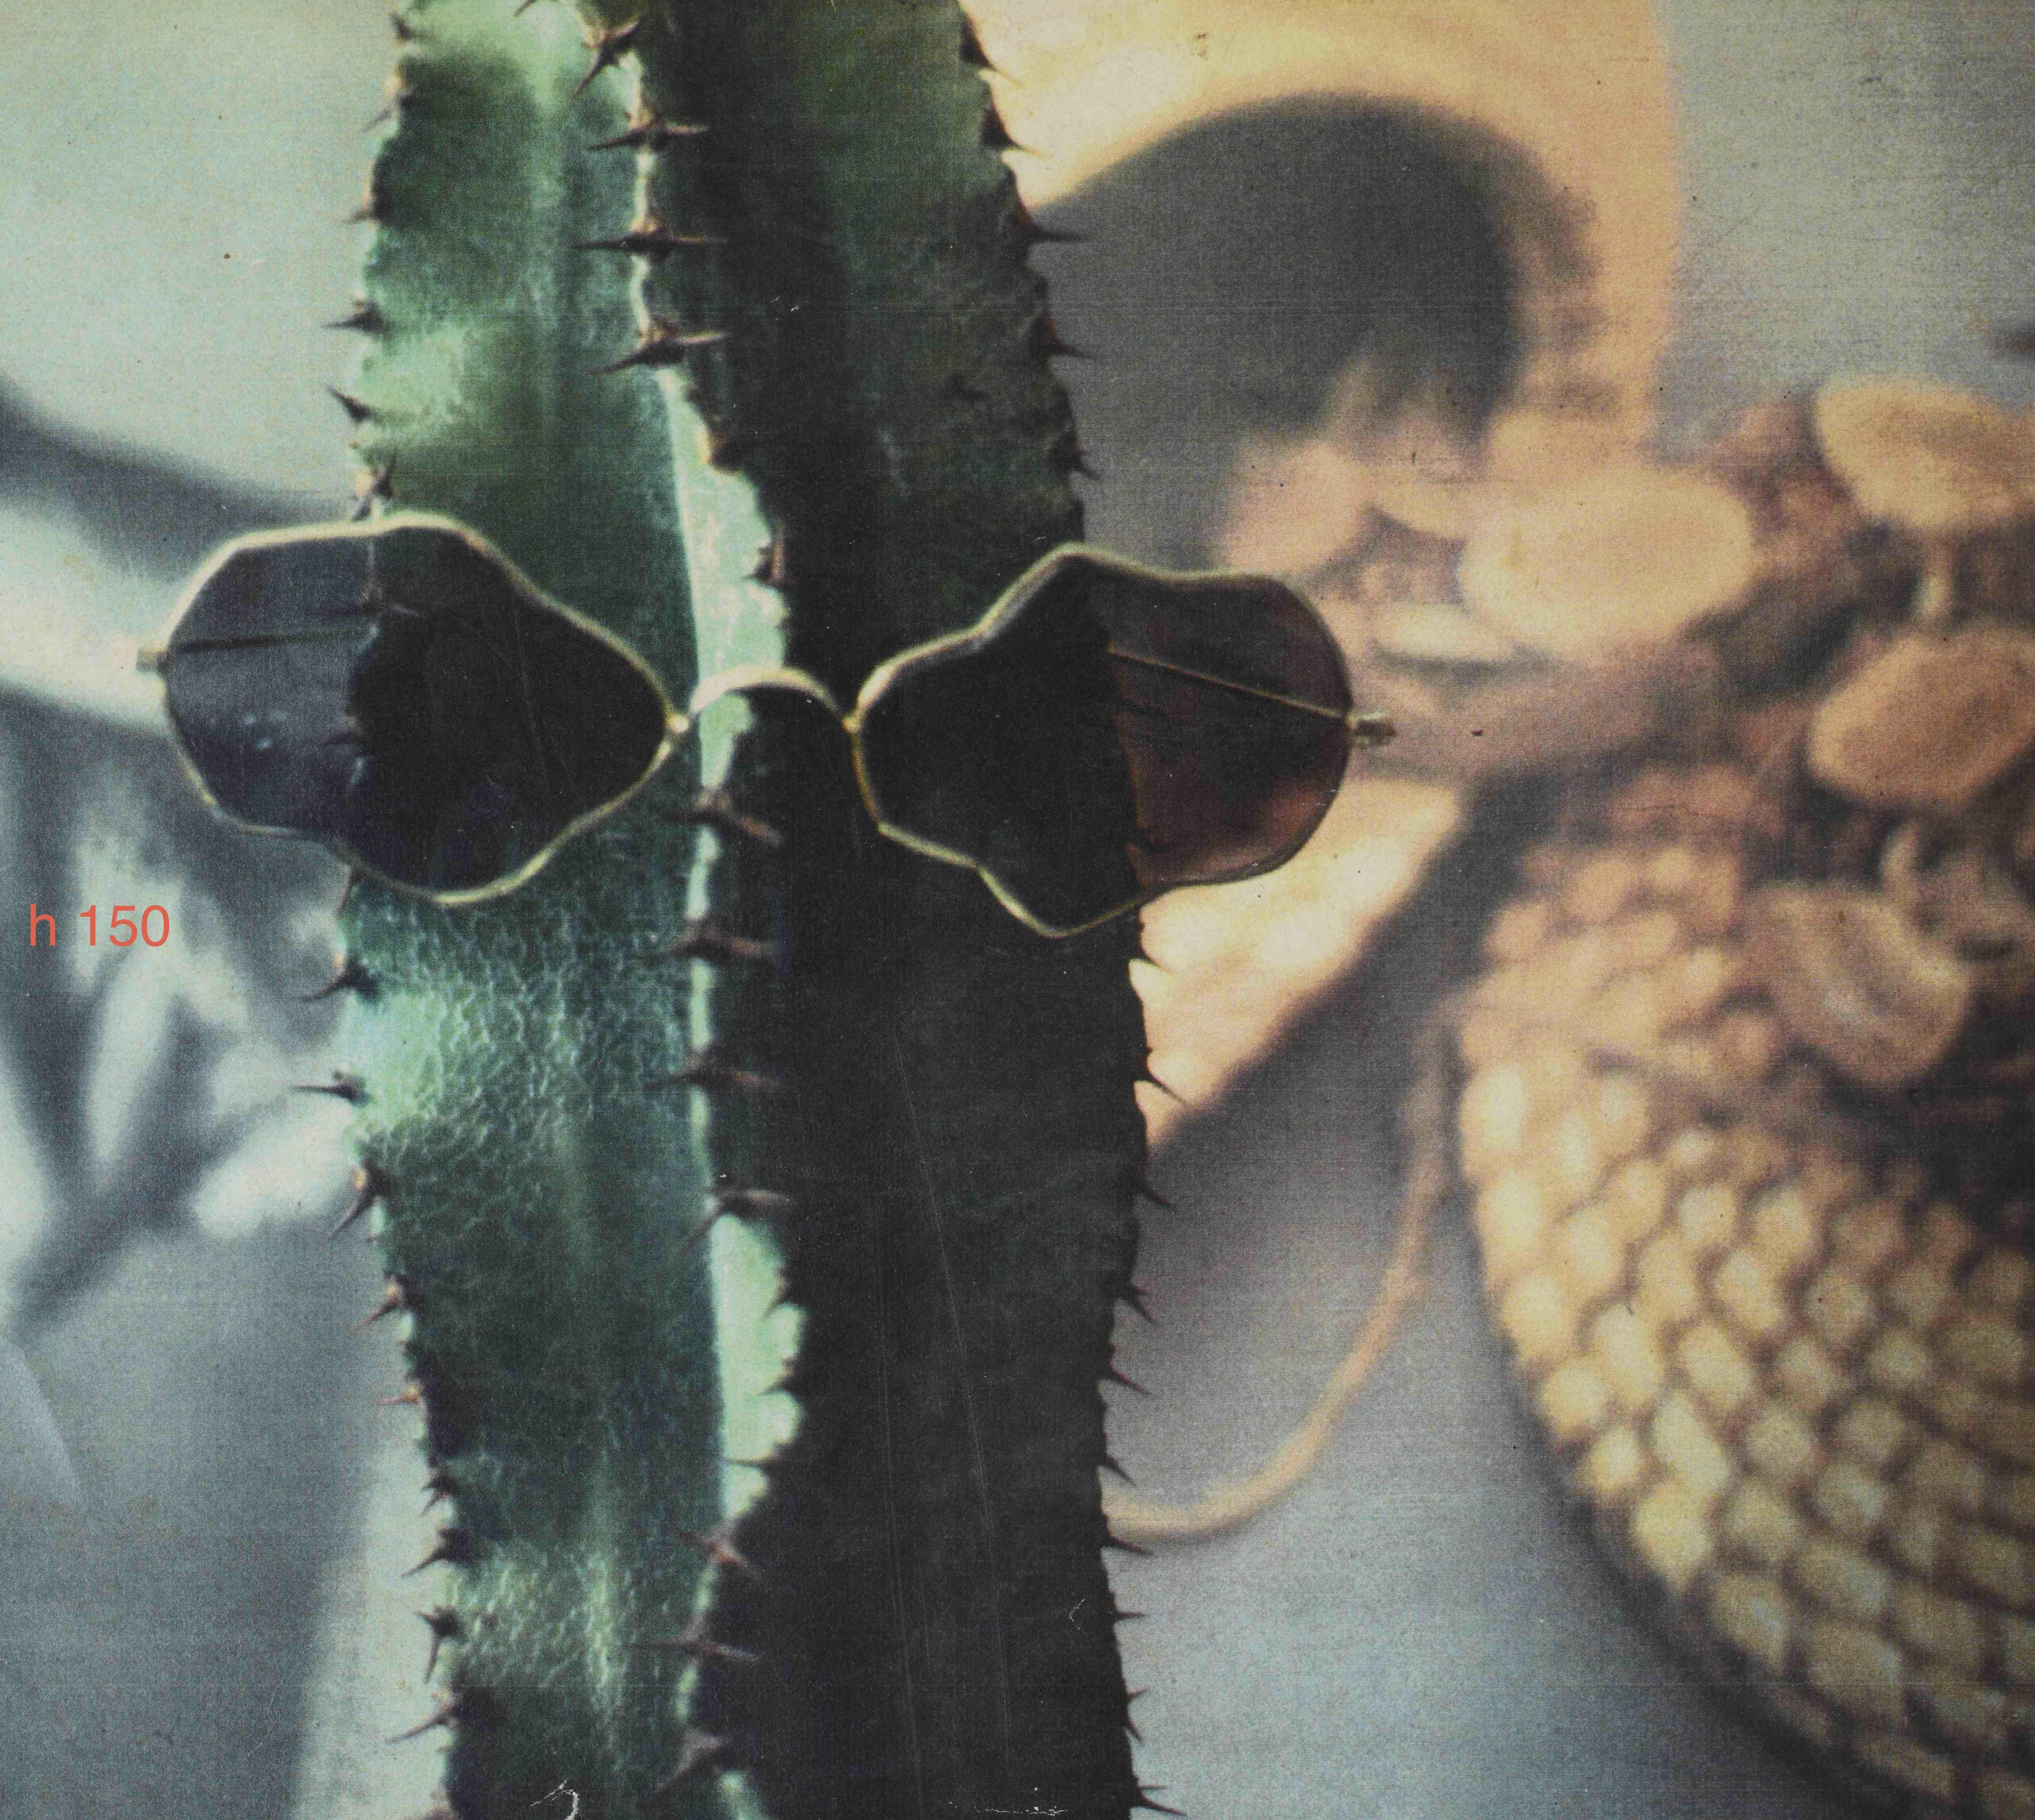 foto cactus formato h 150cm 1988